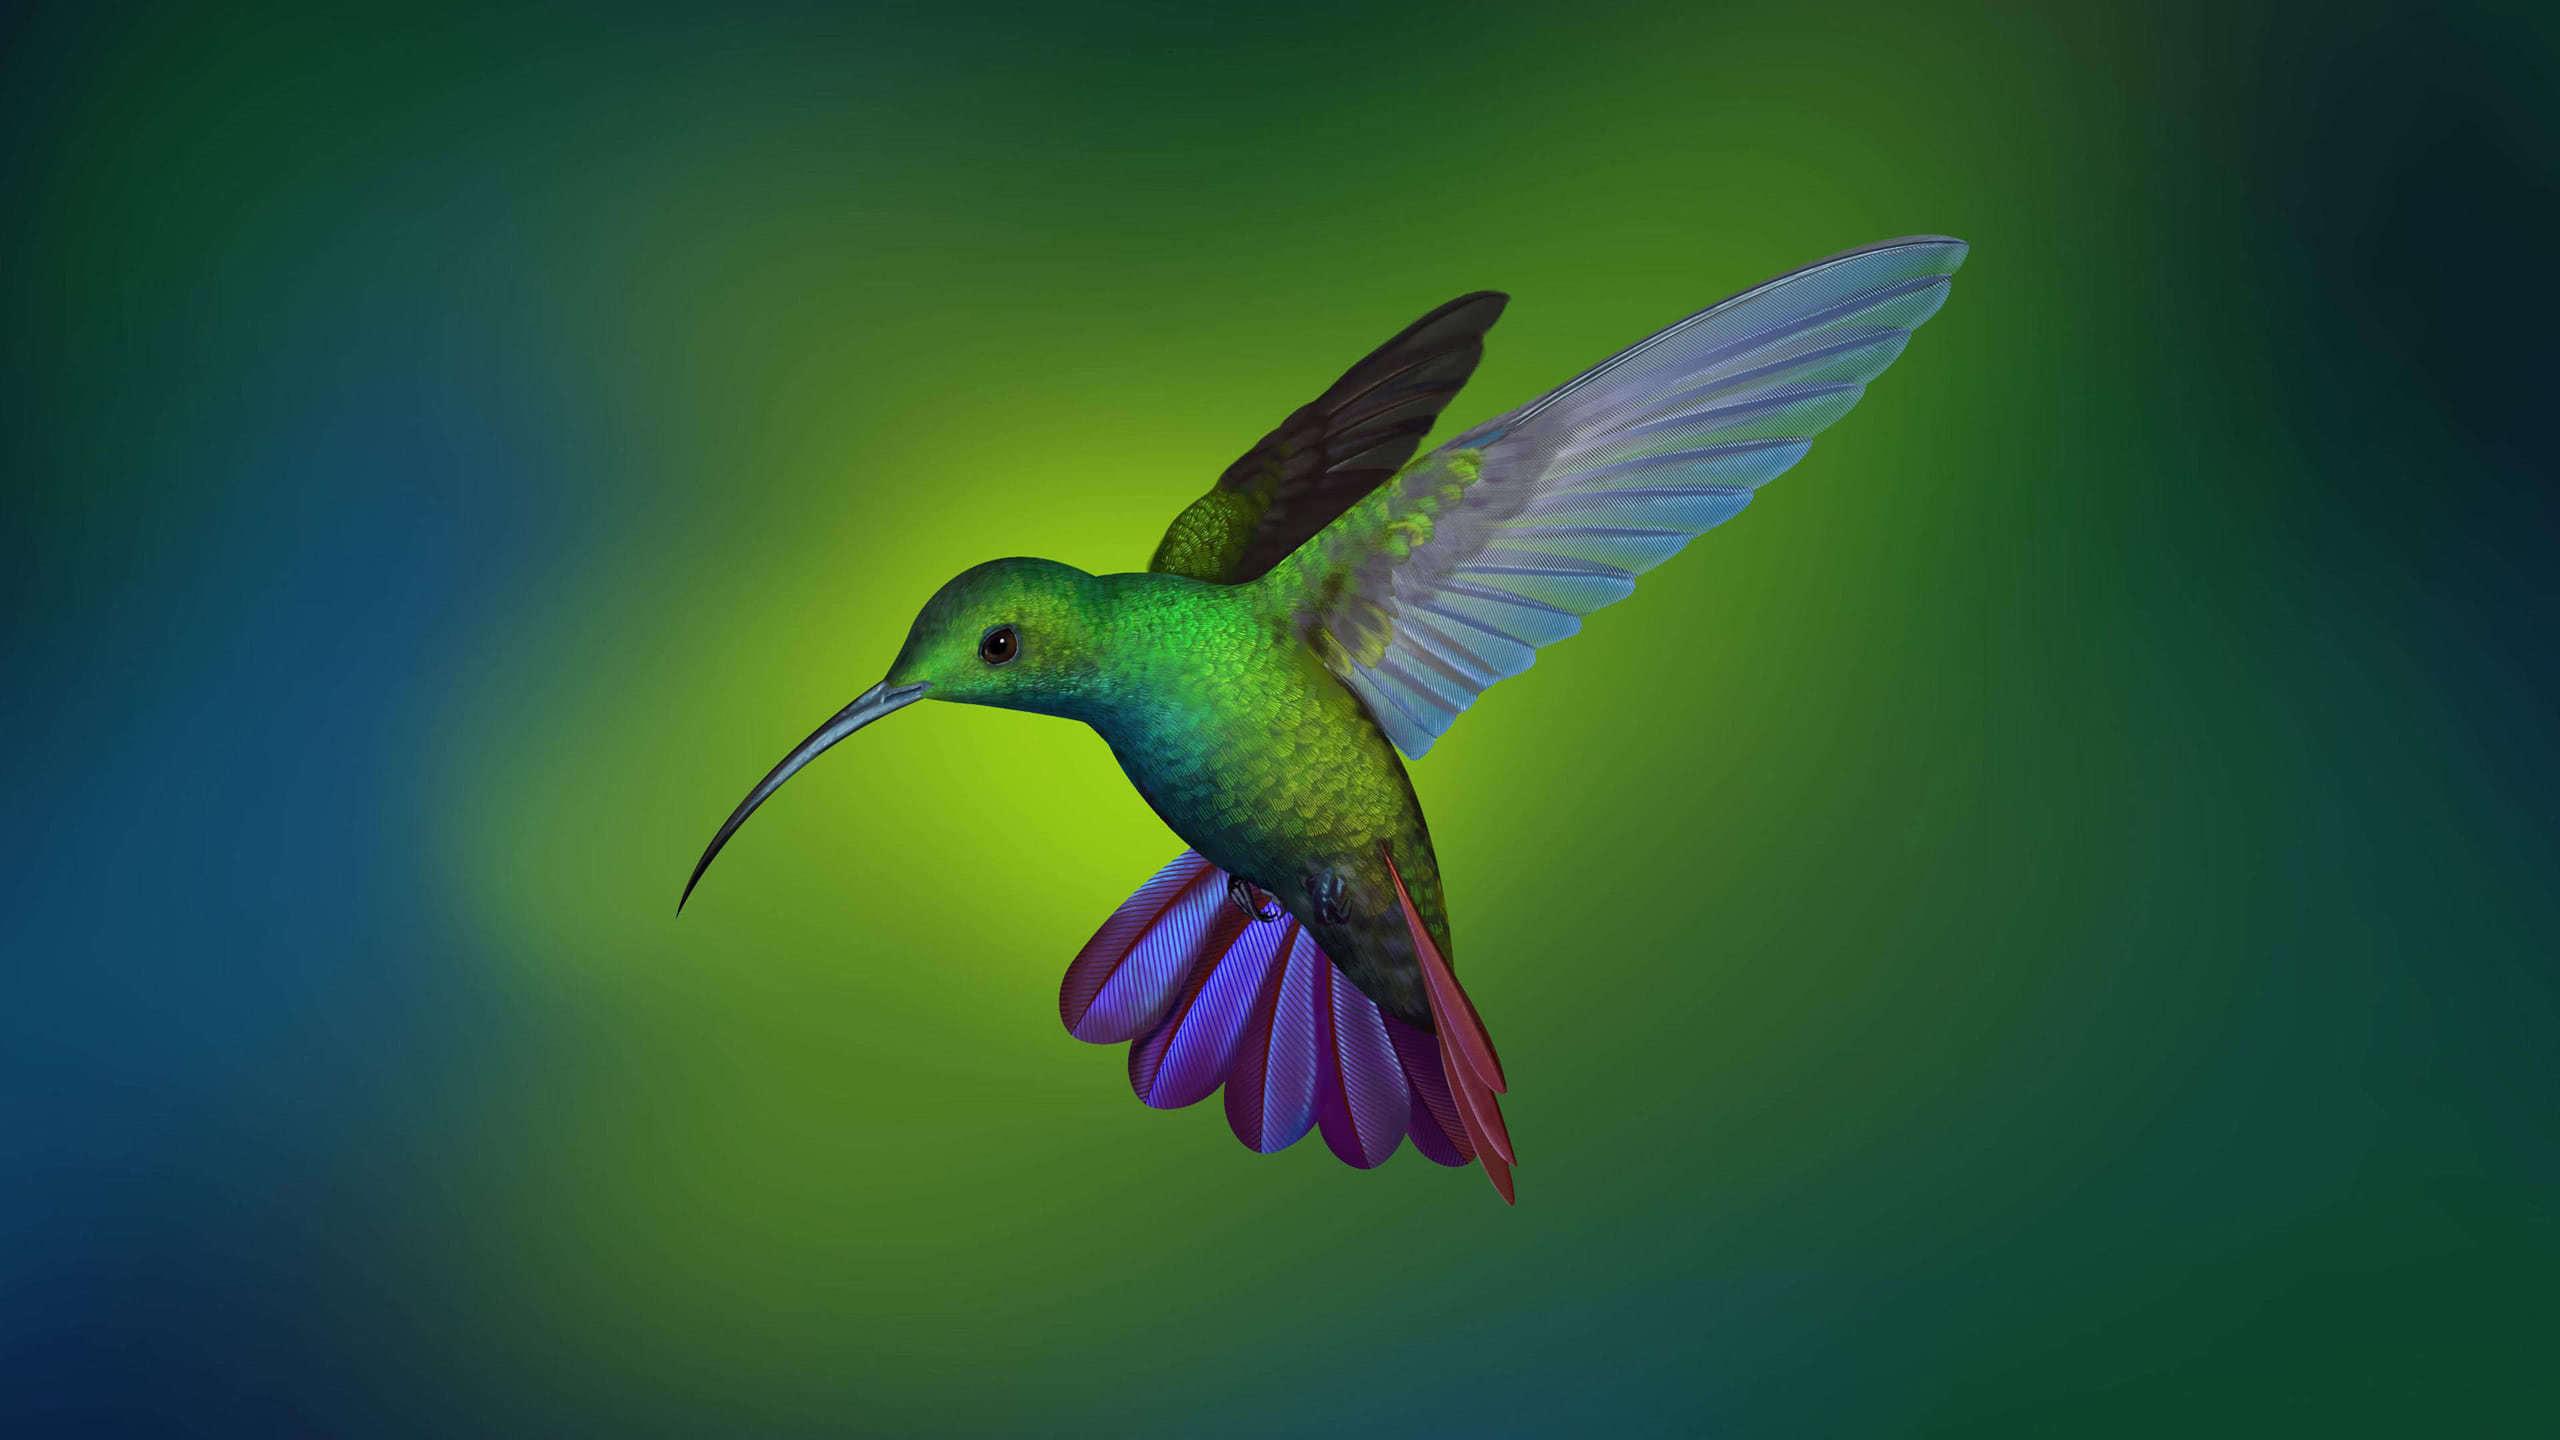 hummingbird wqhd 1440p wallpaper